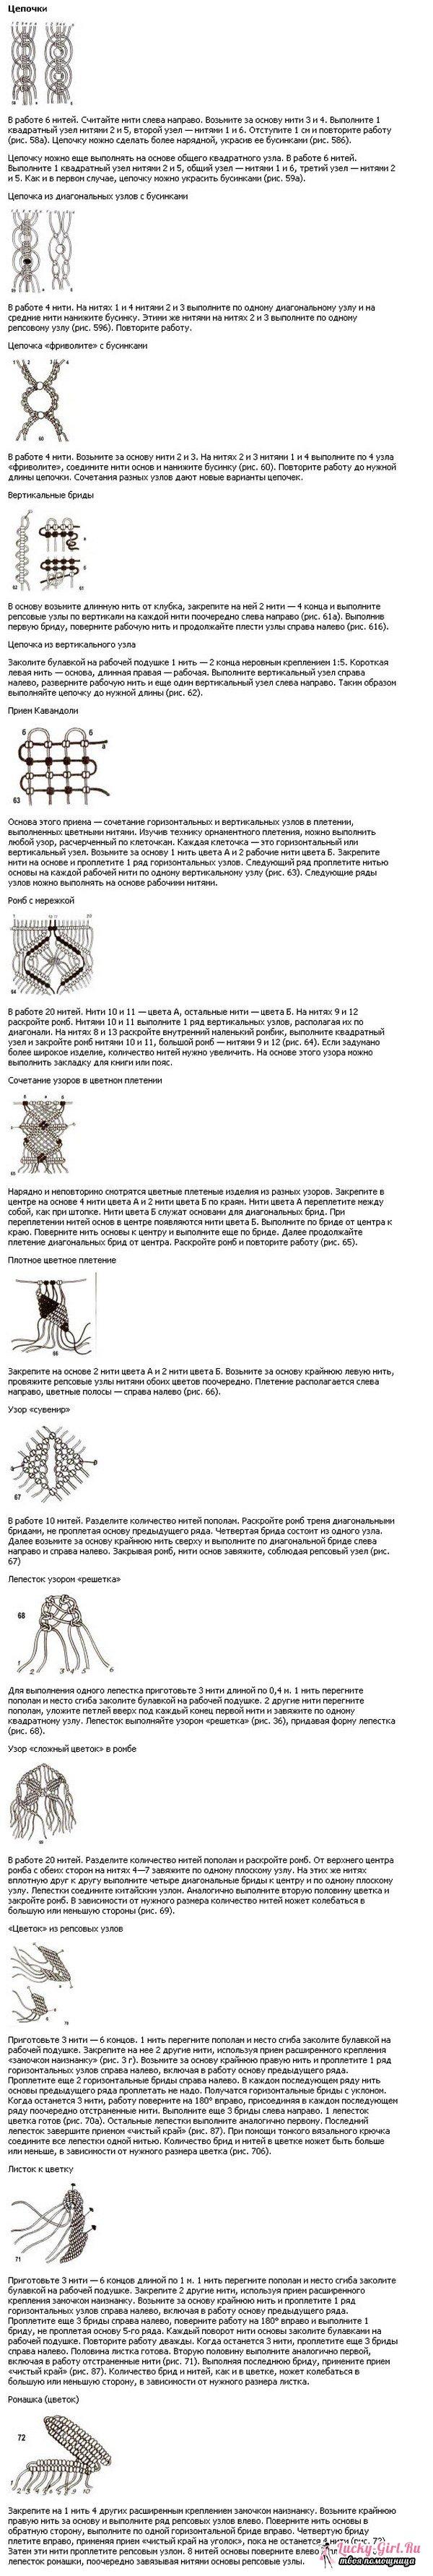 Макраме для начинающих. Основы техники и схемы базовых плетений